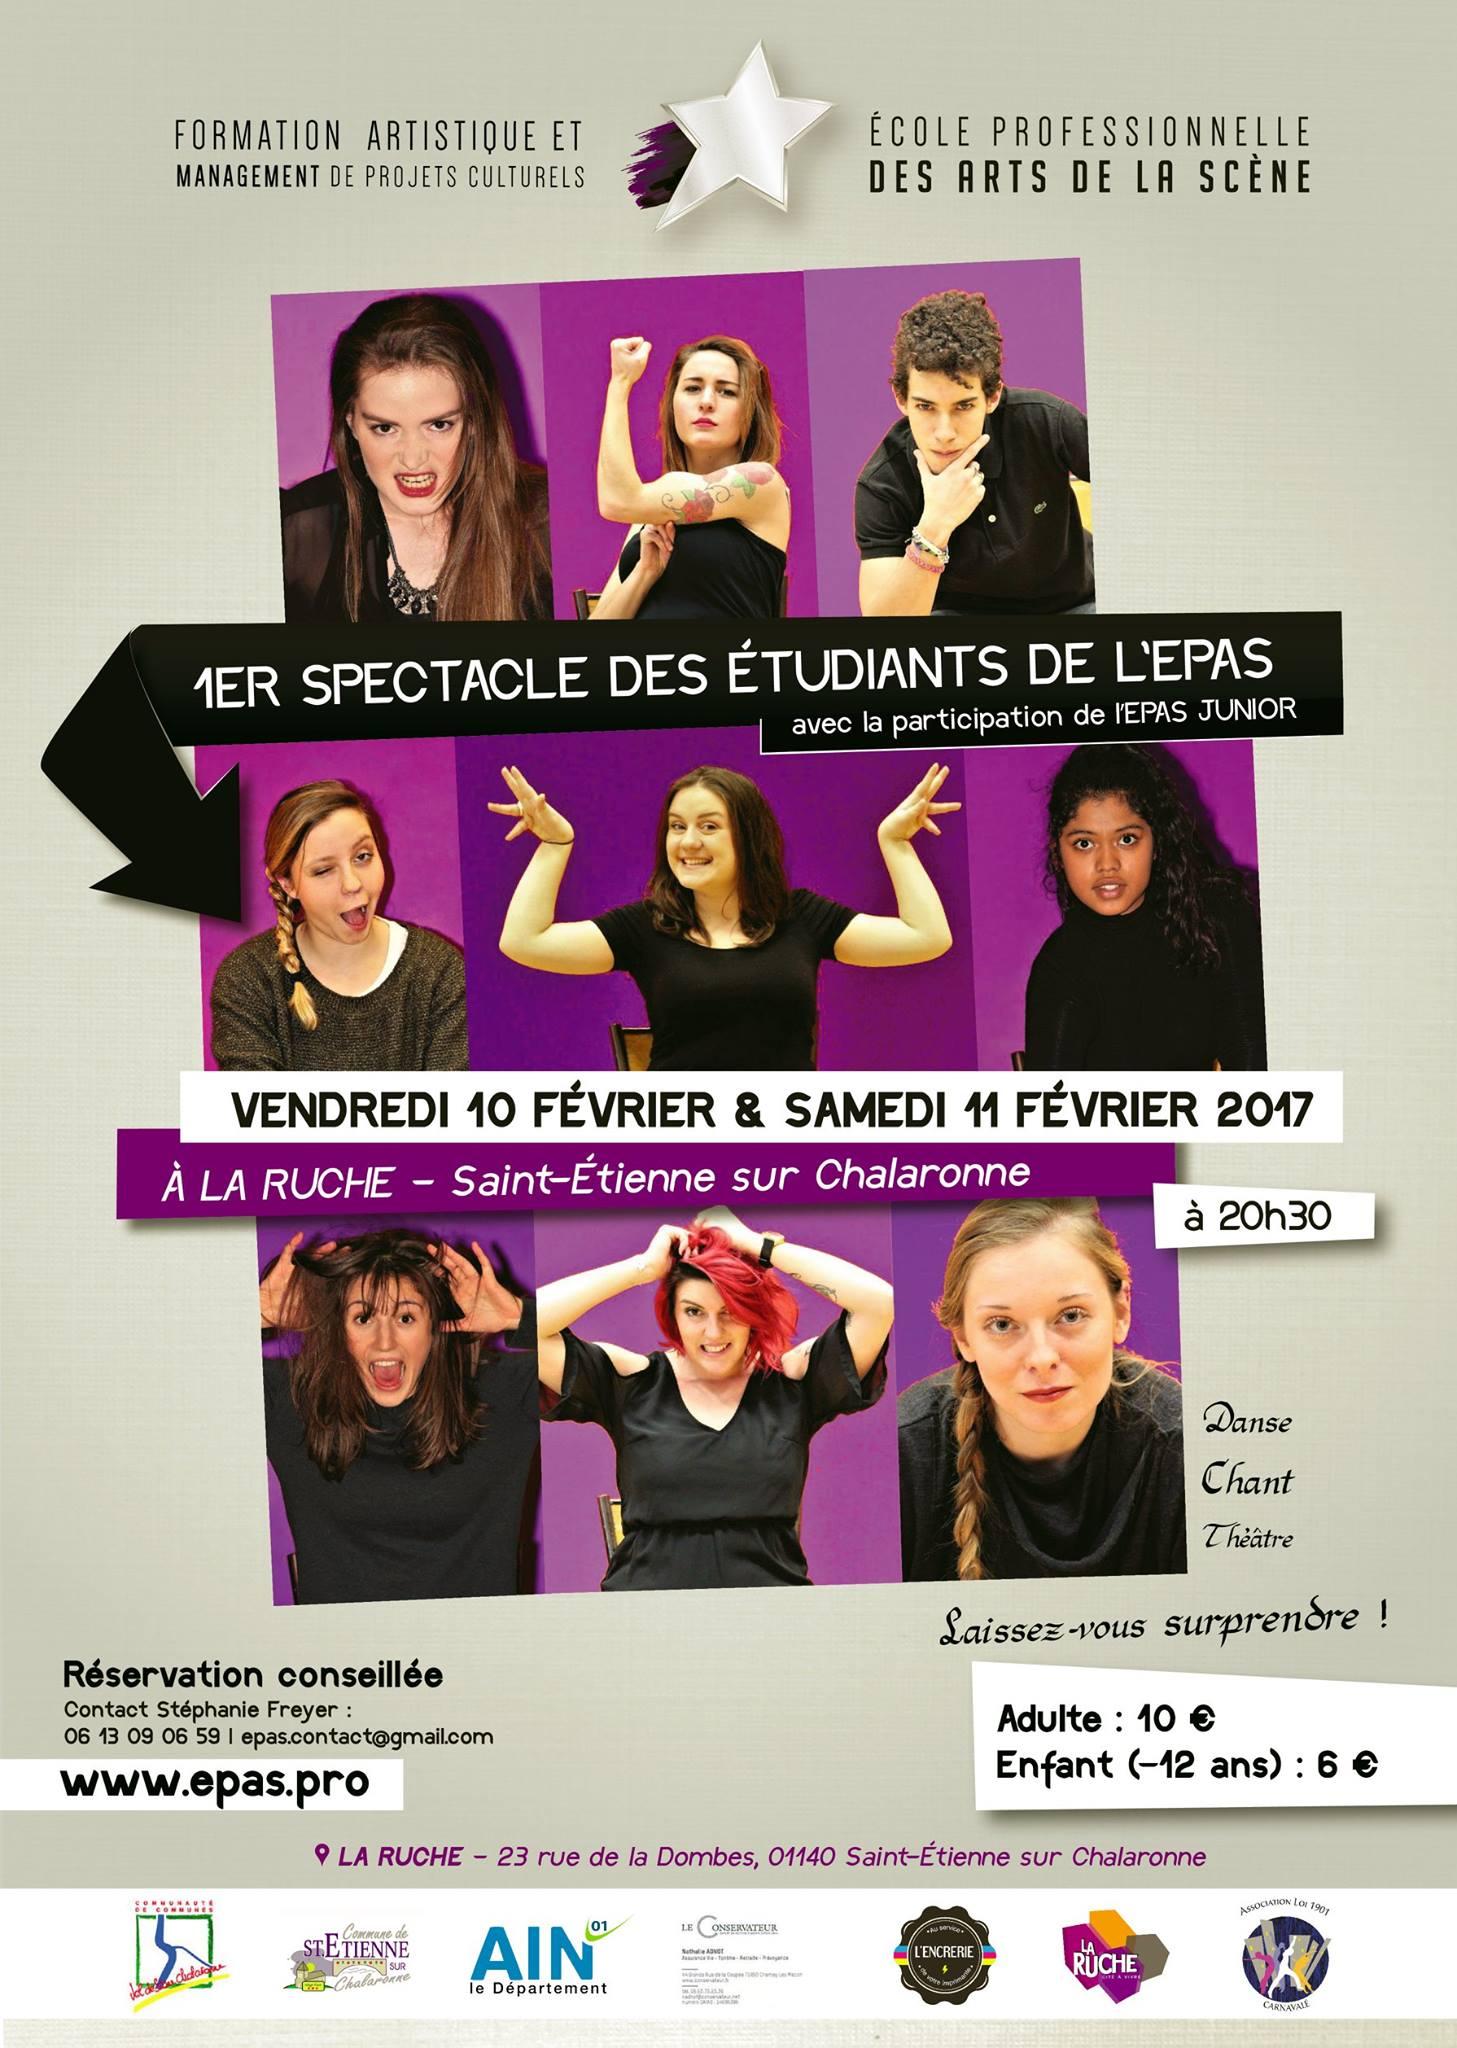 Affiche du tout premier spectacle de l'EPAS en fevrier 2017 à La Ruche à Saint etienne sur chalaronne